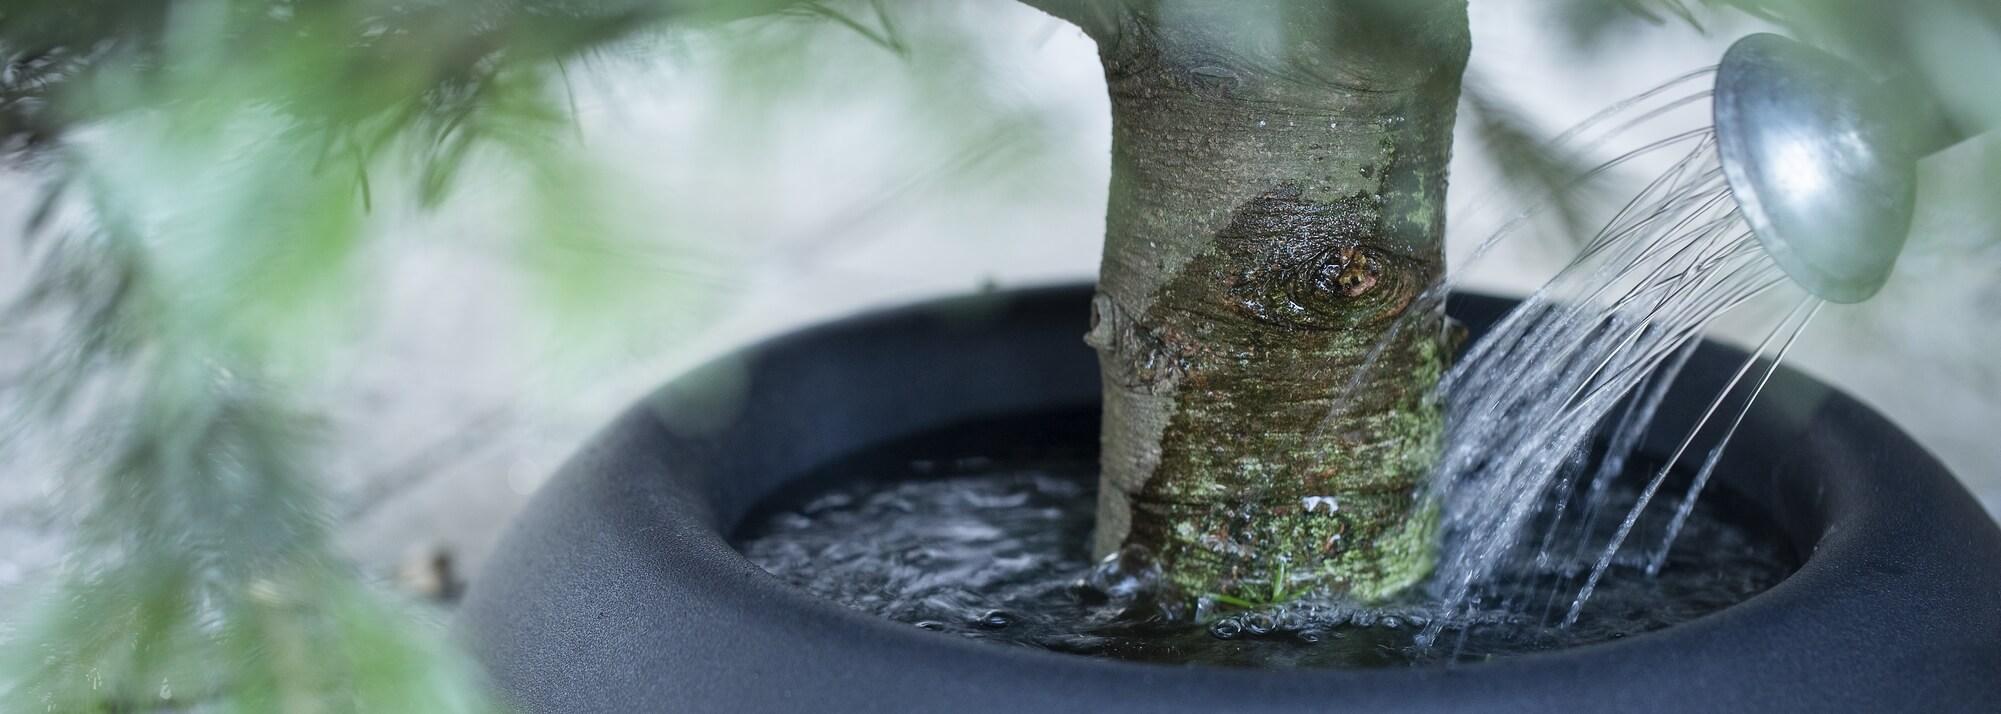 Pieds de sapin à réserve d'eau